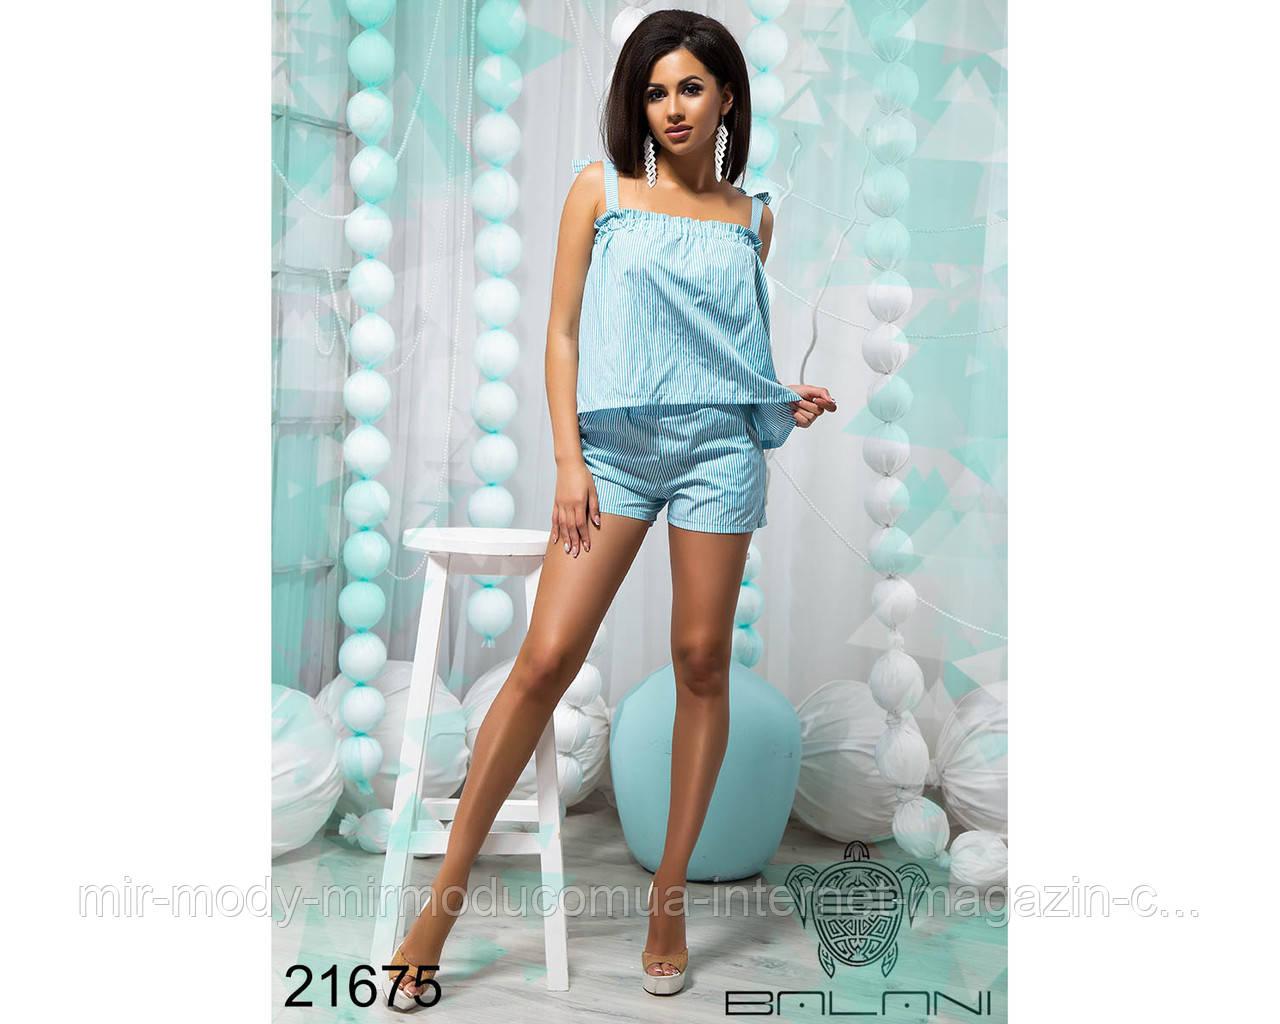 Легкий костюм с шортами - 21675 (бн)